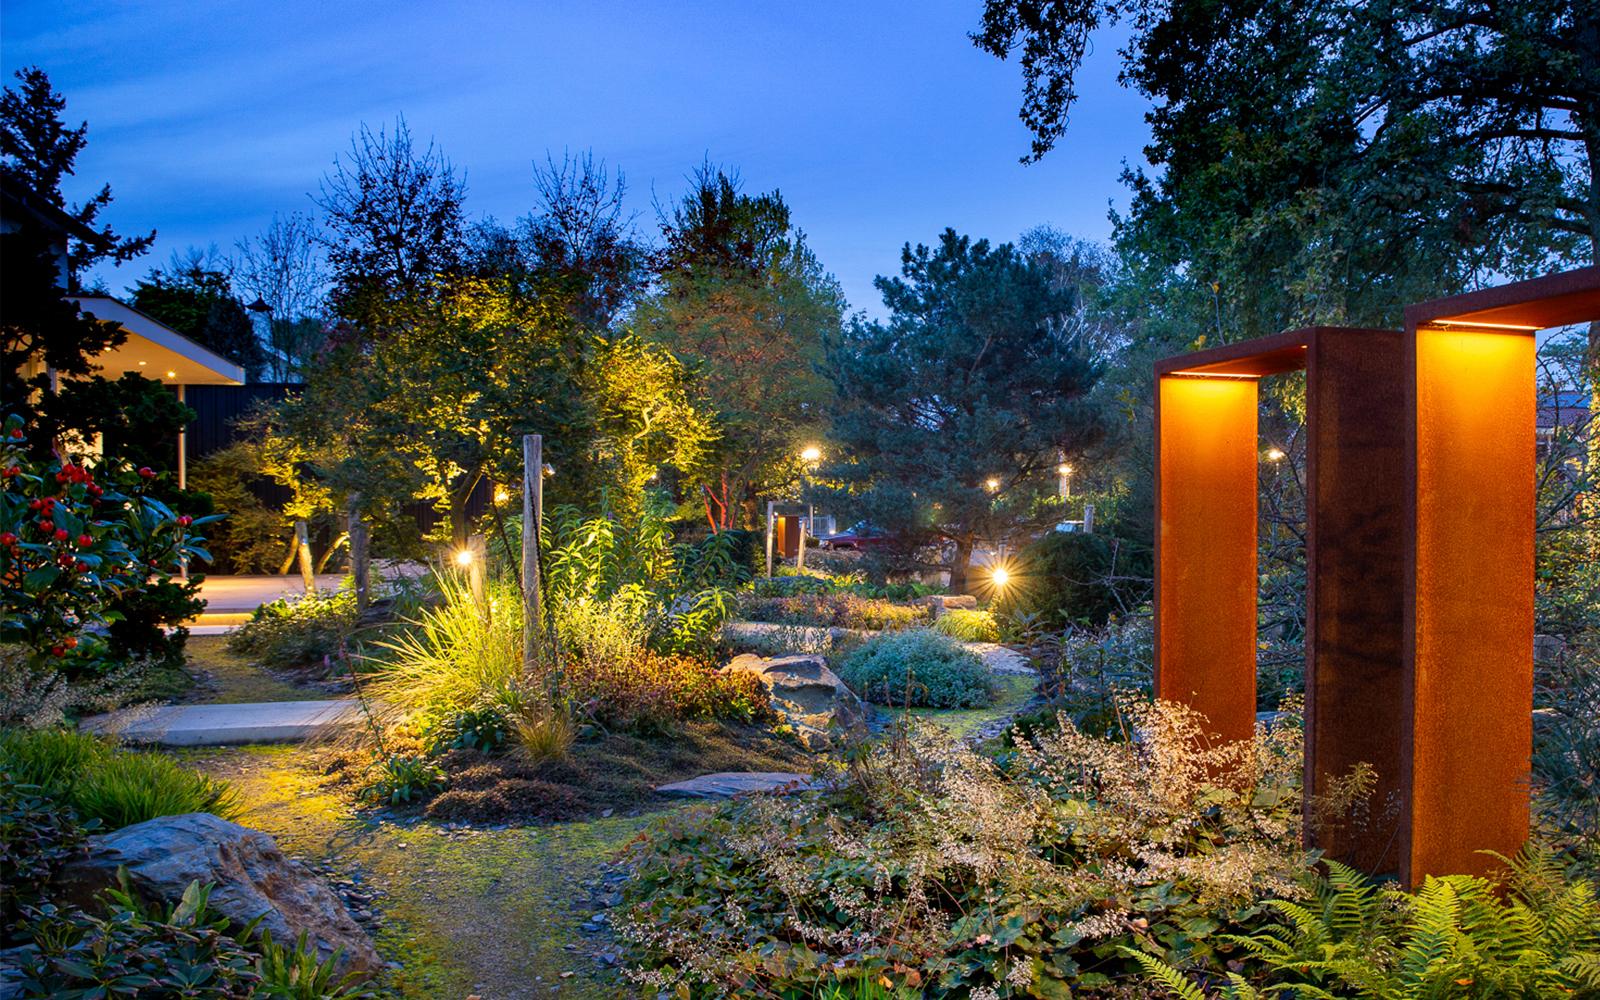 Japanse watertuin, Van Mierlo Tuinen, tuin, water, Japan